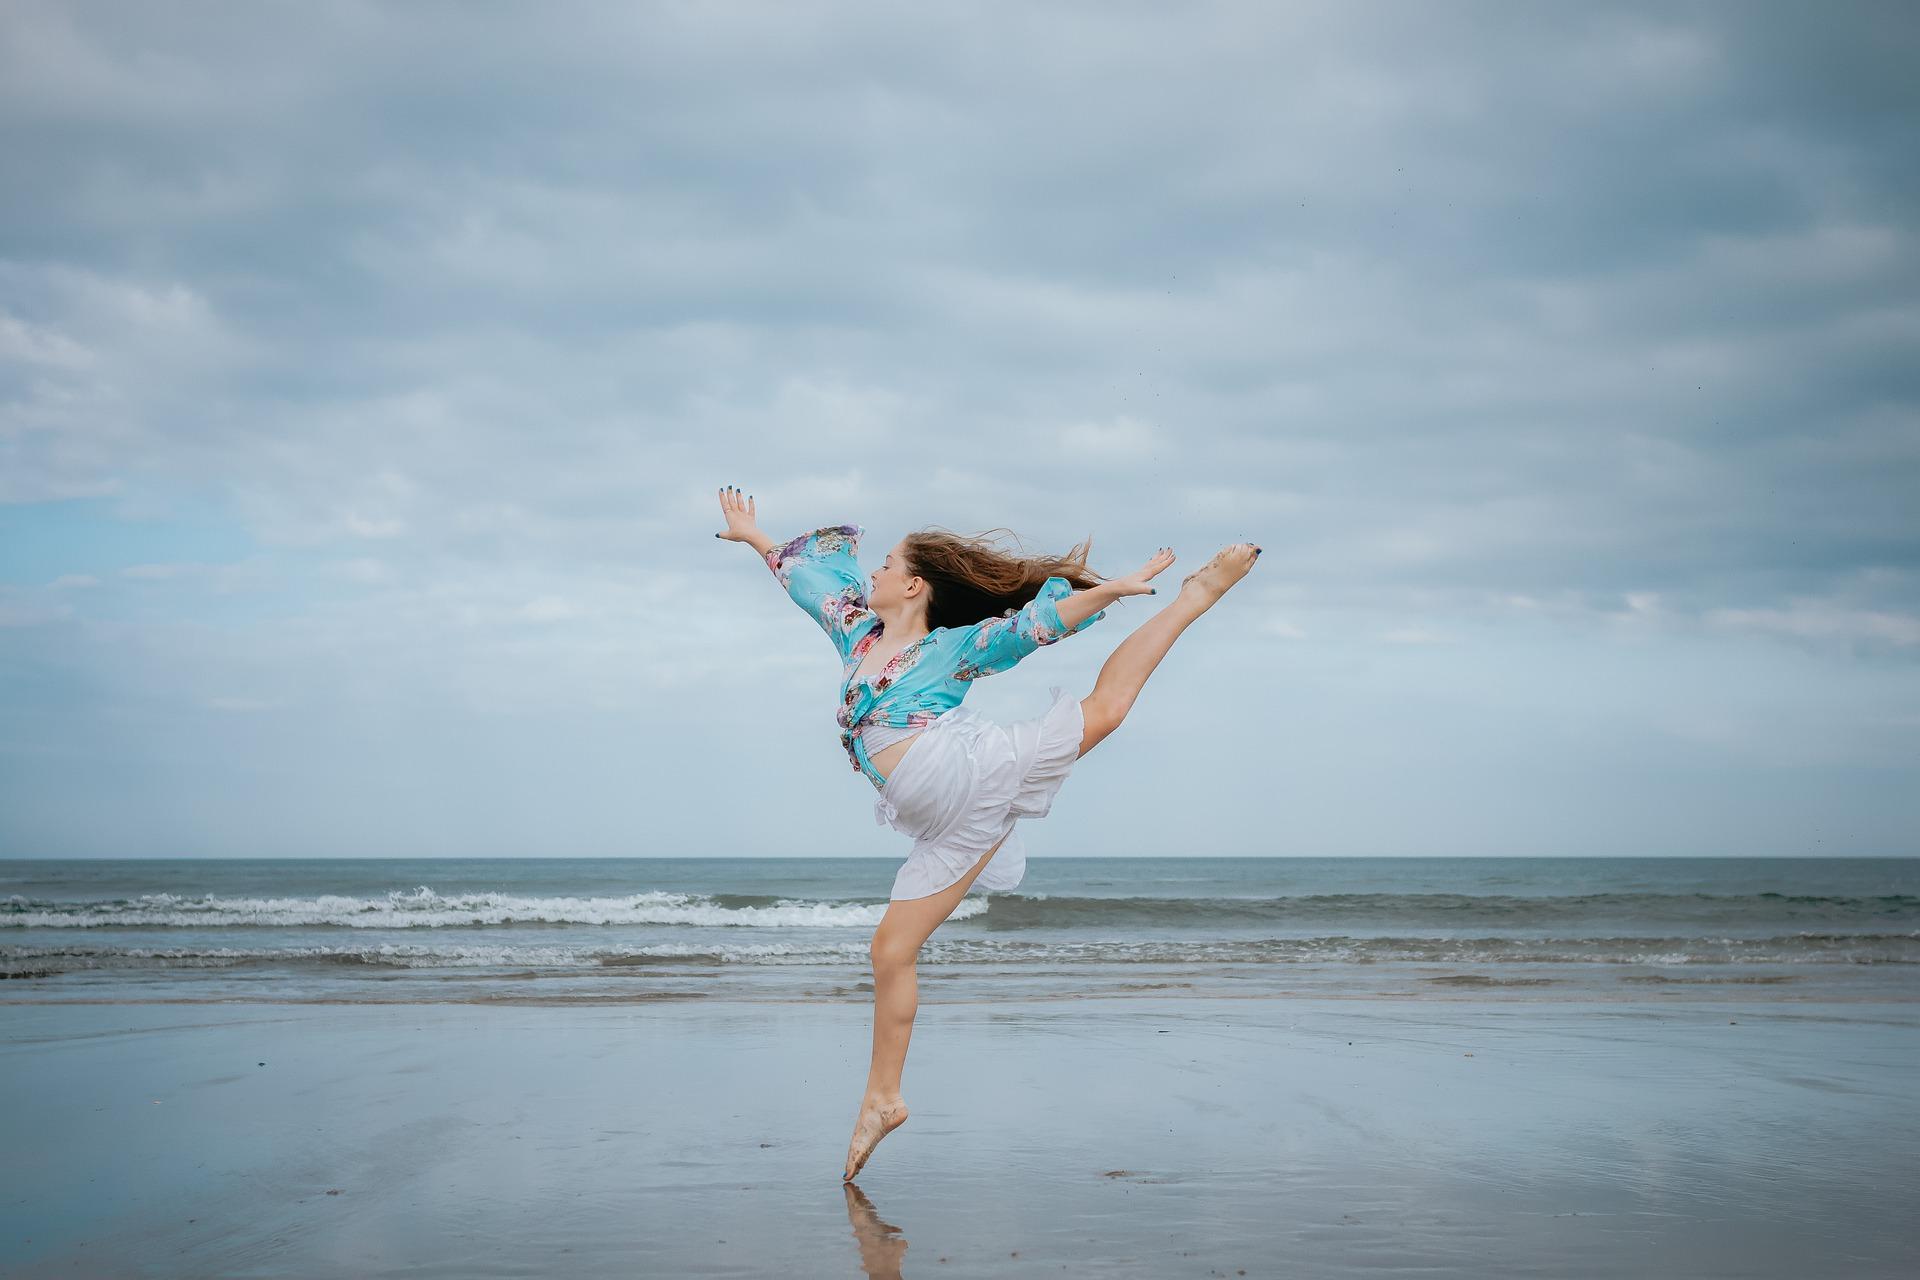 Einfach nur tanzen | story.one